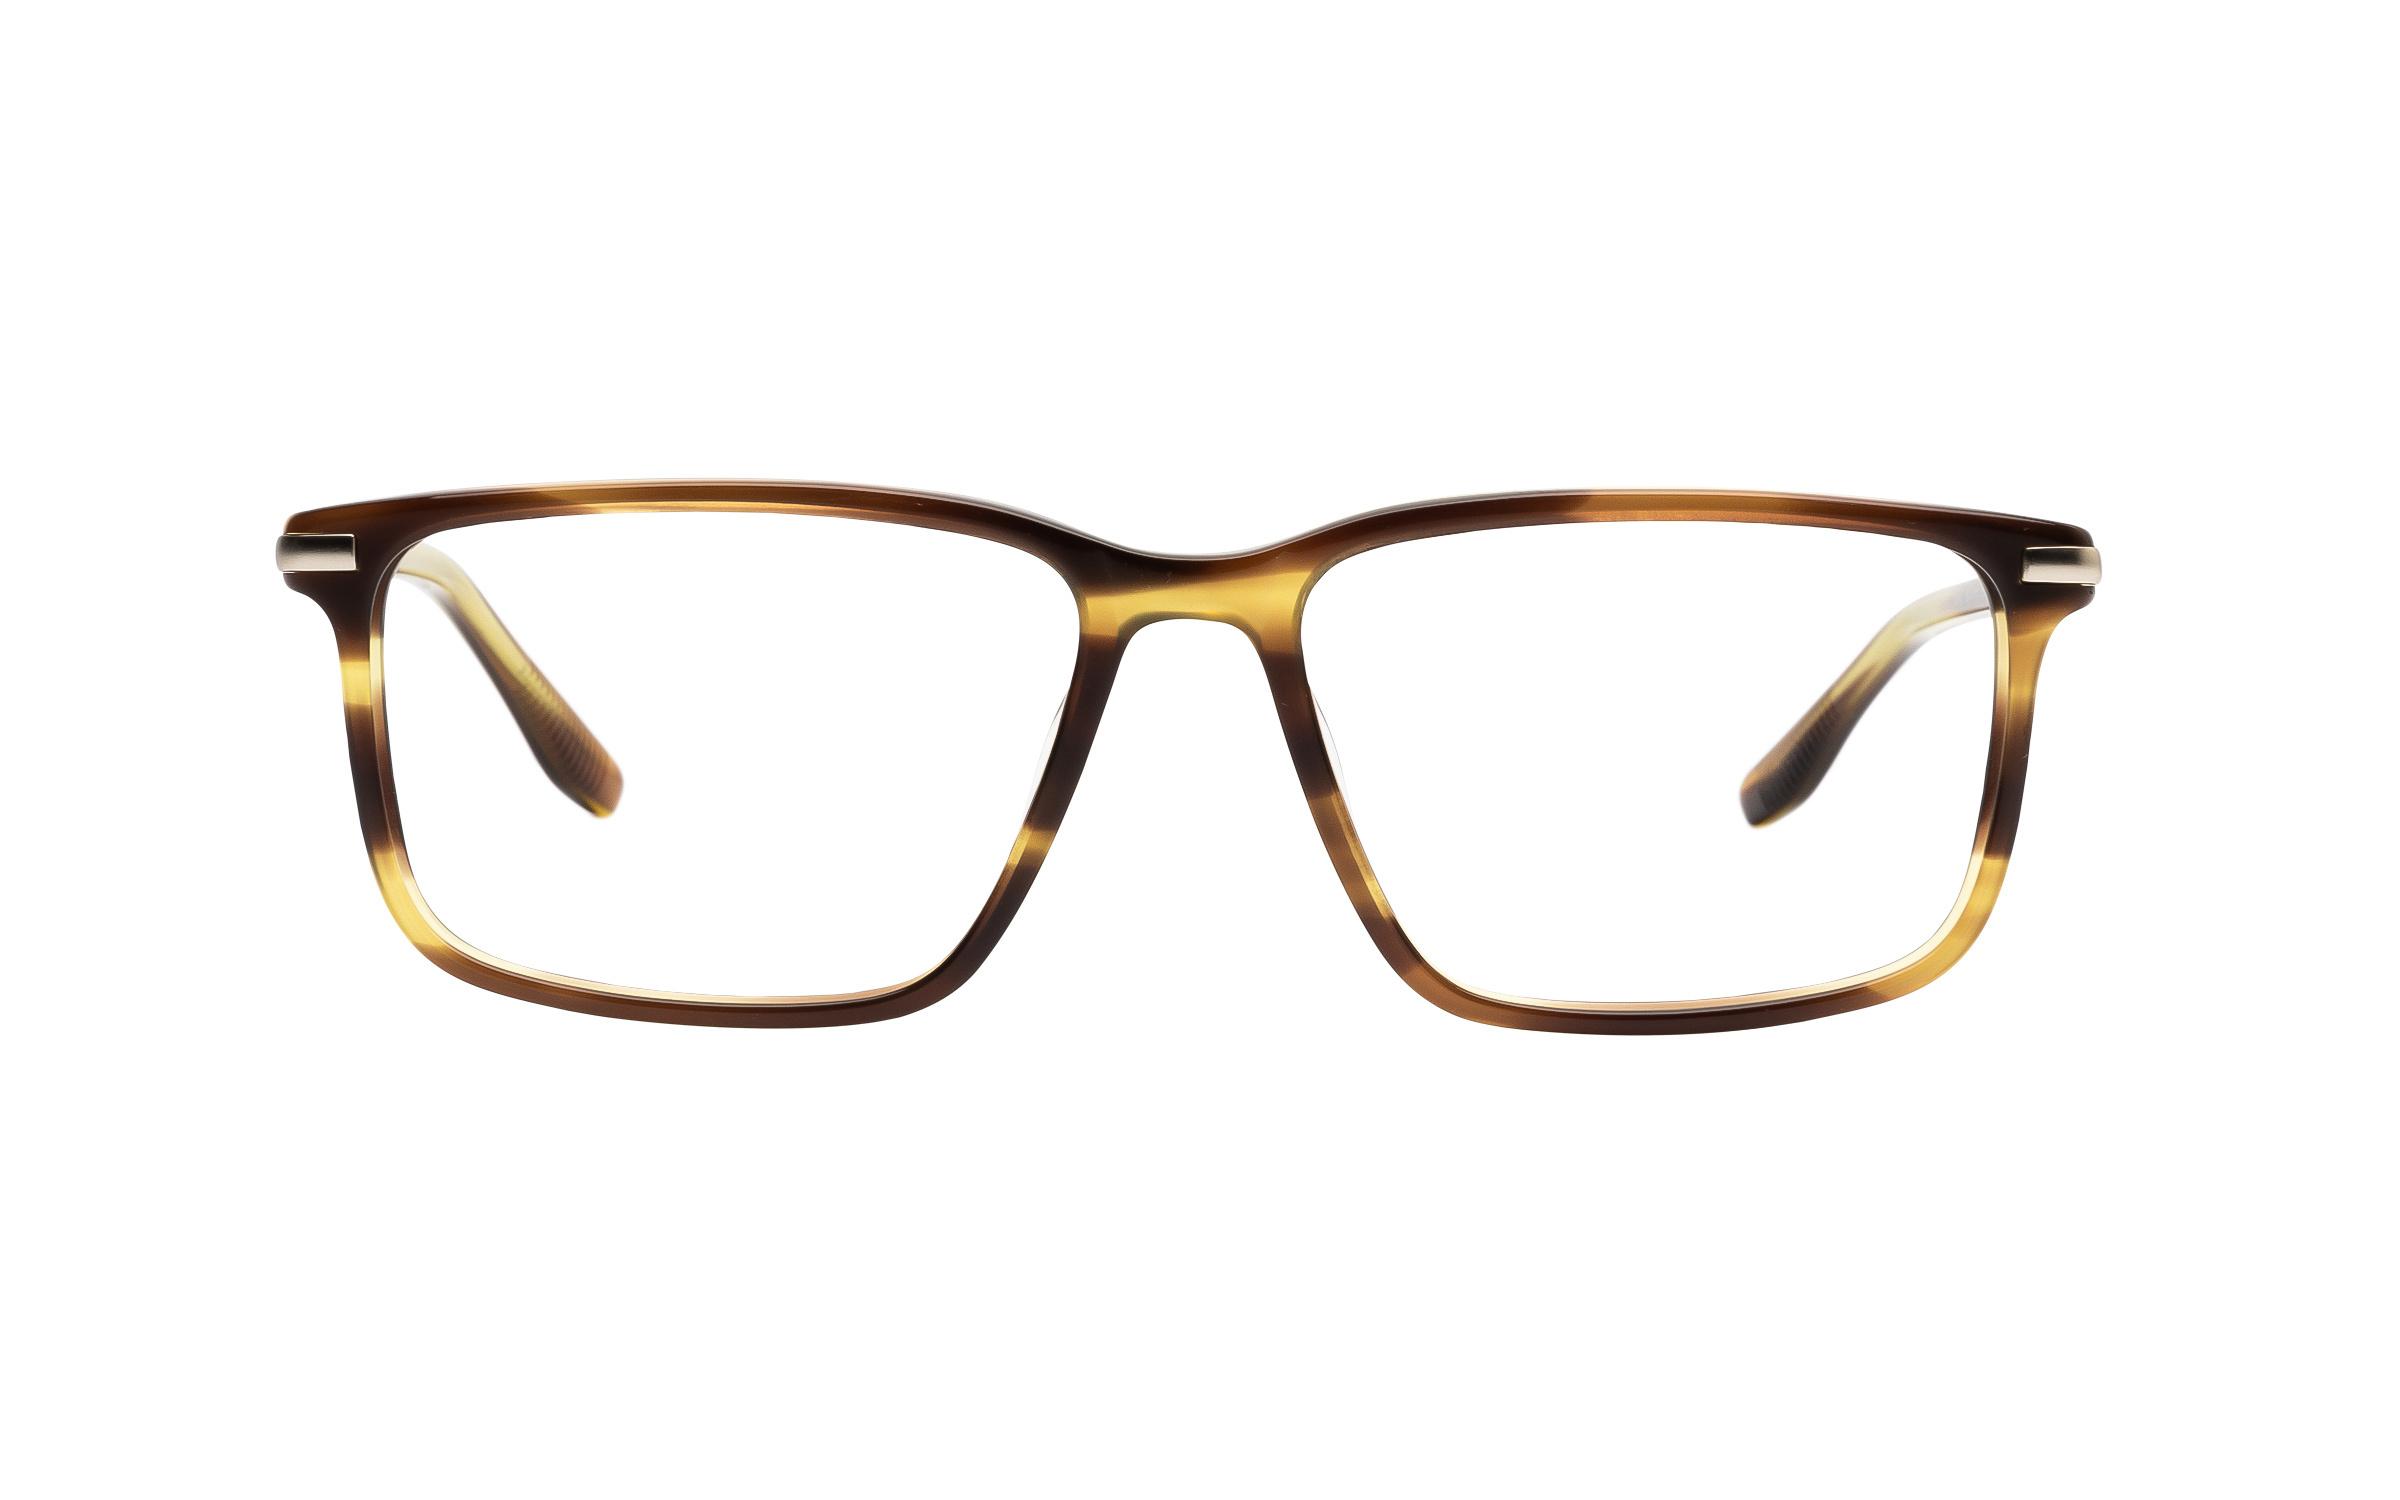 Joseph Marc Men's Marillo (55) Eyeglasses and Frame in Yellow Horn Yellow/Tortoise